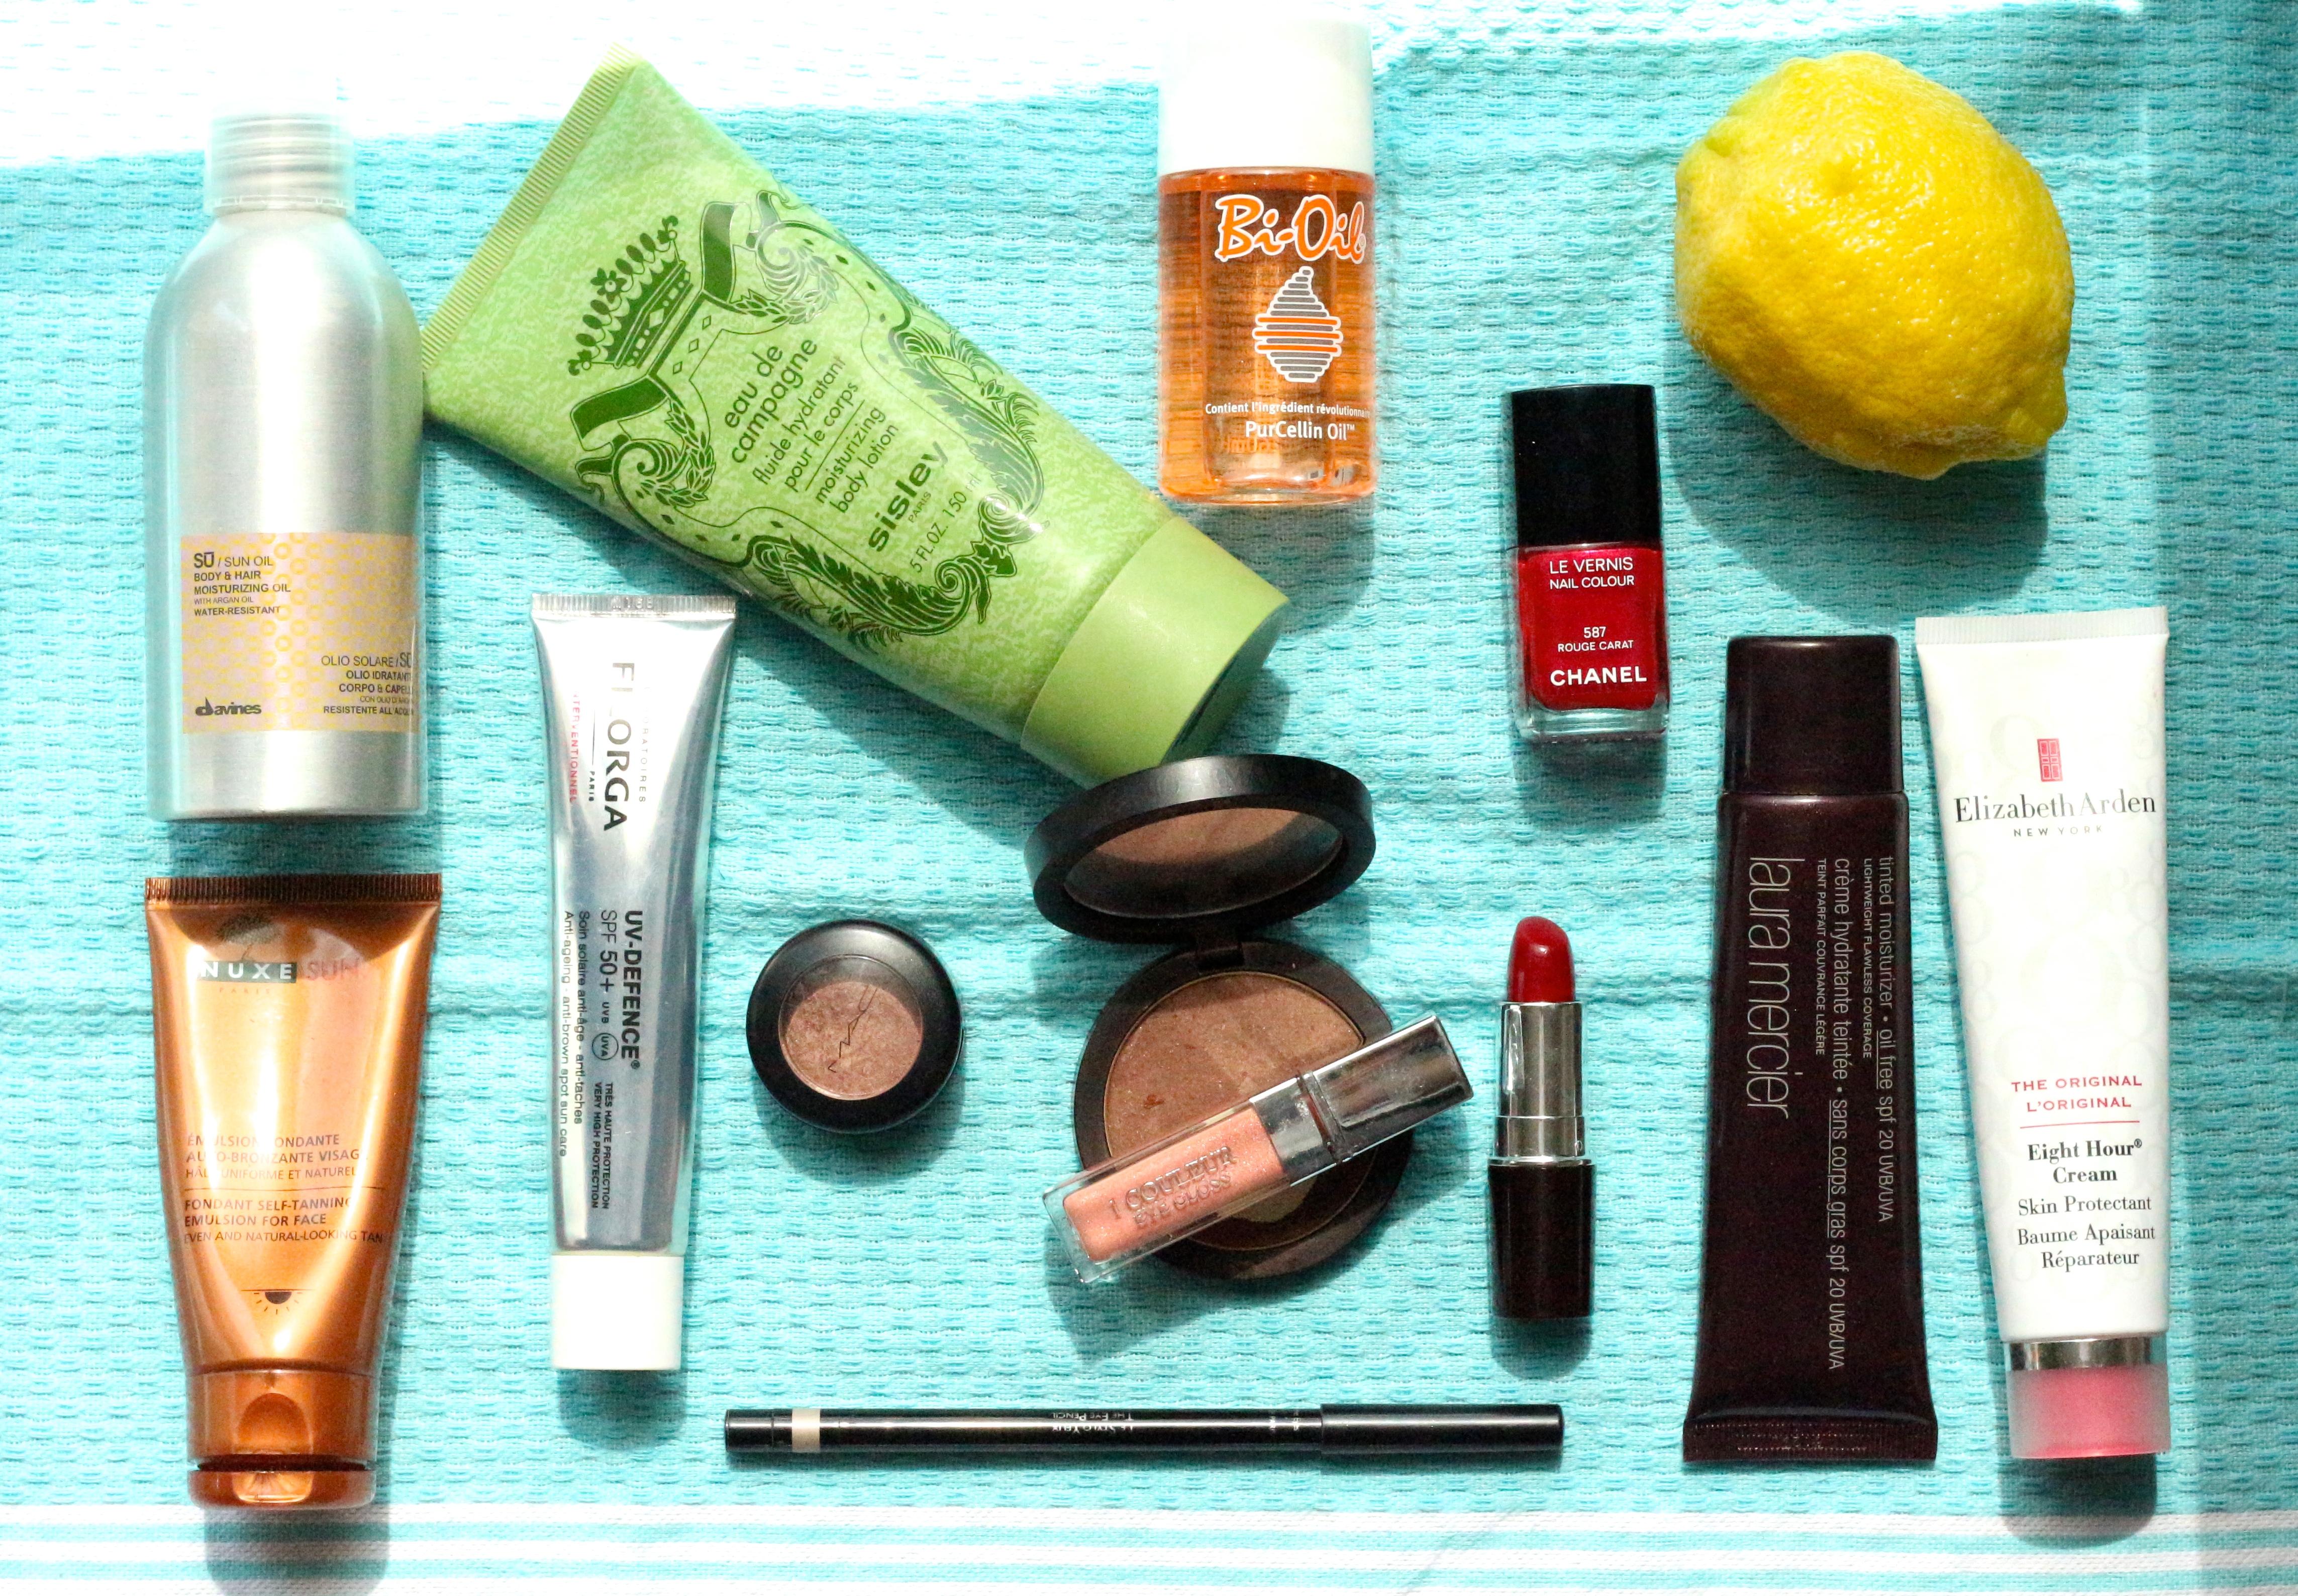 Summer vanity : Chanel, Nuxe, Elisabeth Arden, Sisley, Filorga, Laura Mercier, Giorgio Armani, Dior, Guerlain, Davines